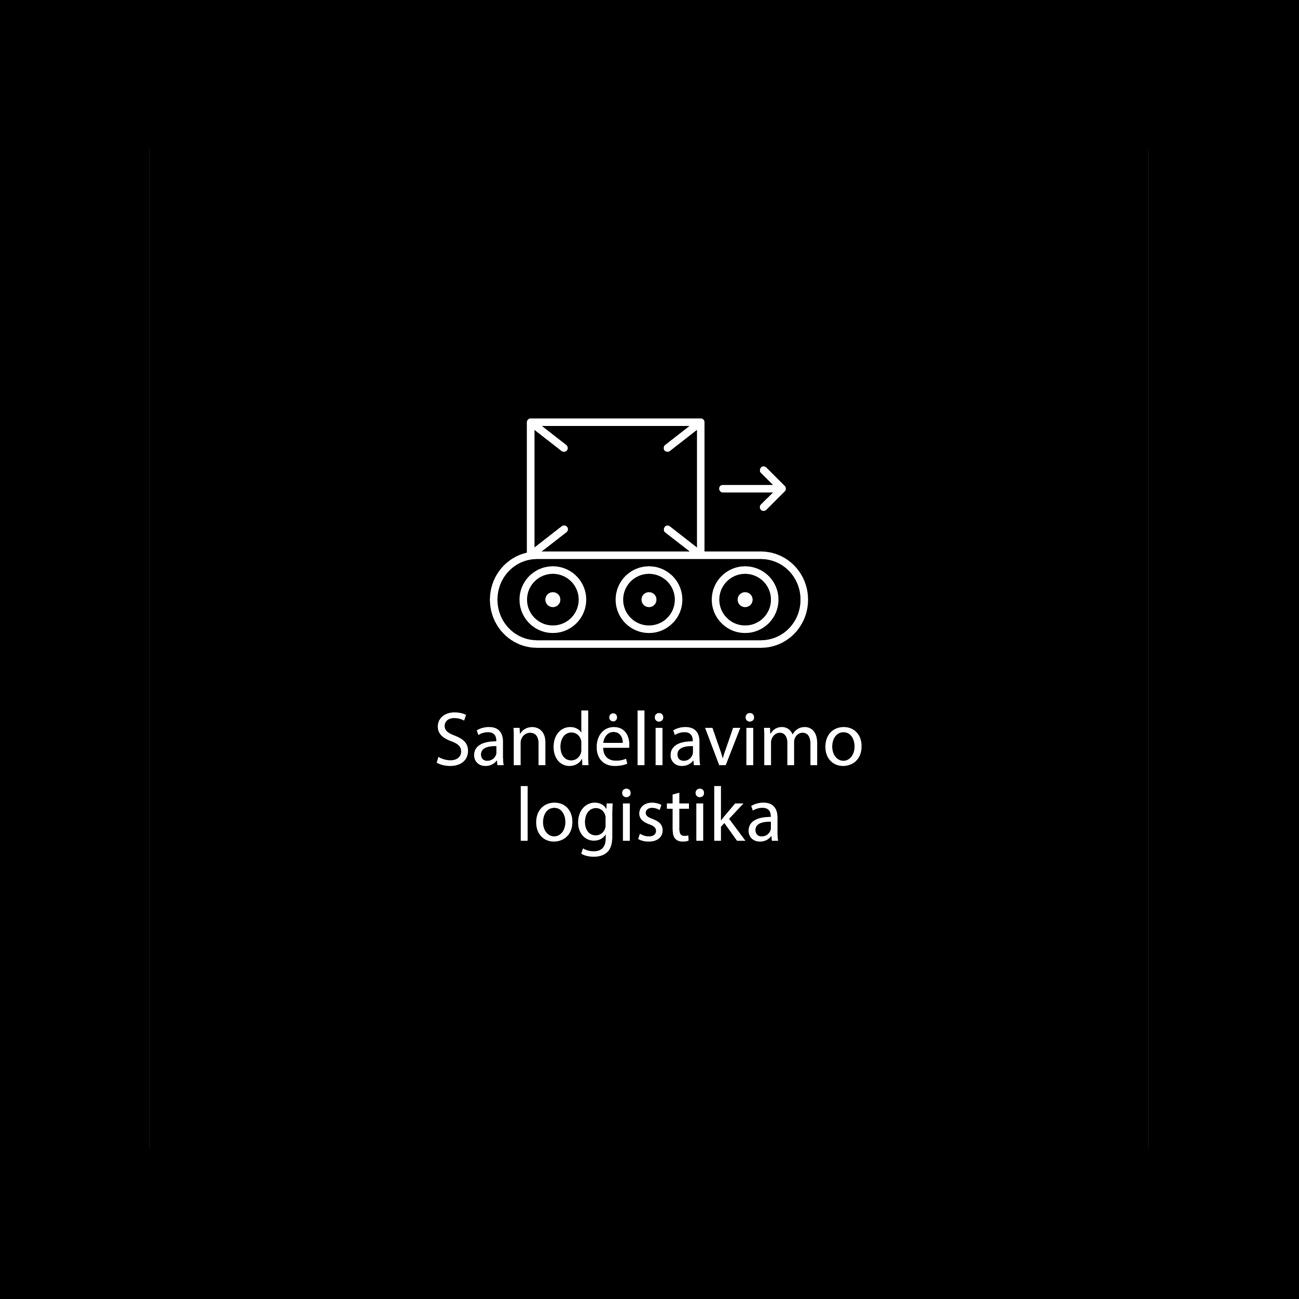 sandeliavimo-logistika